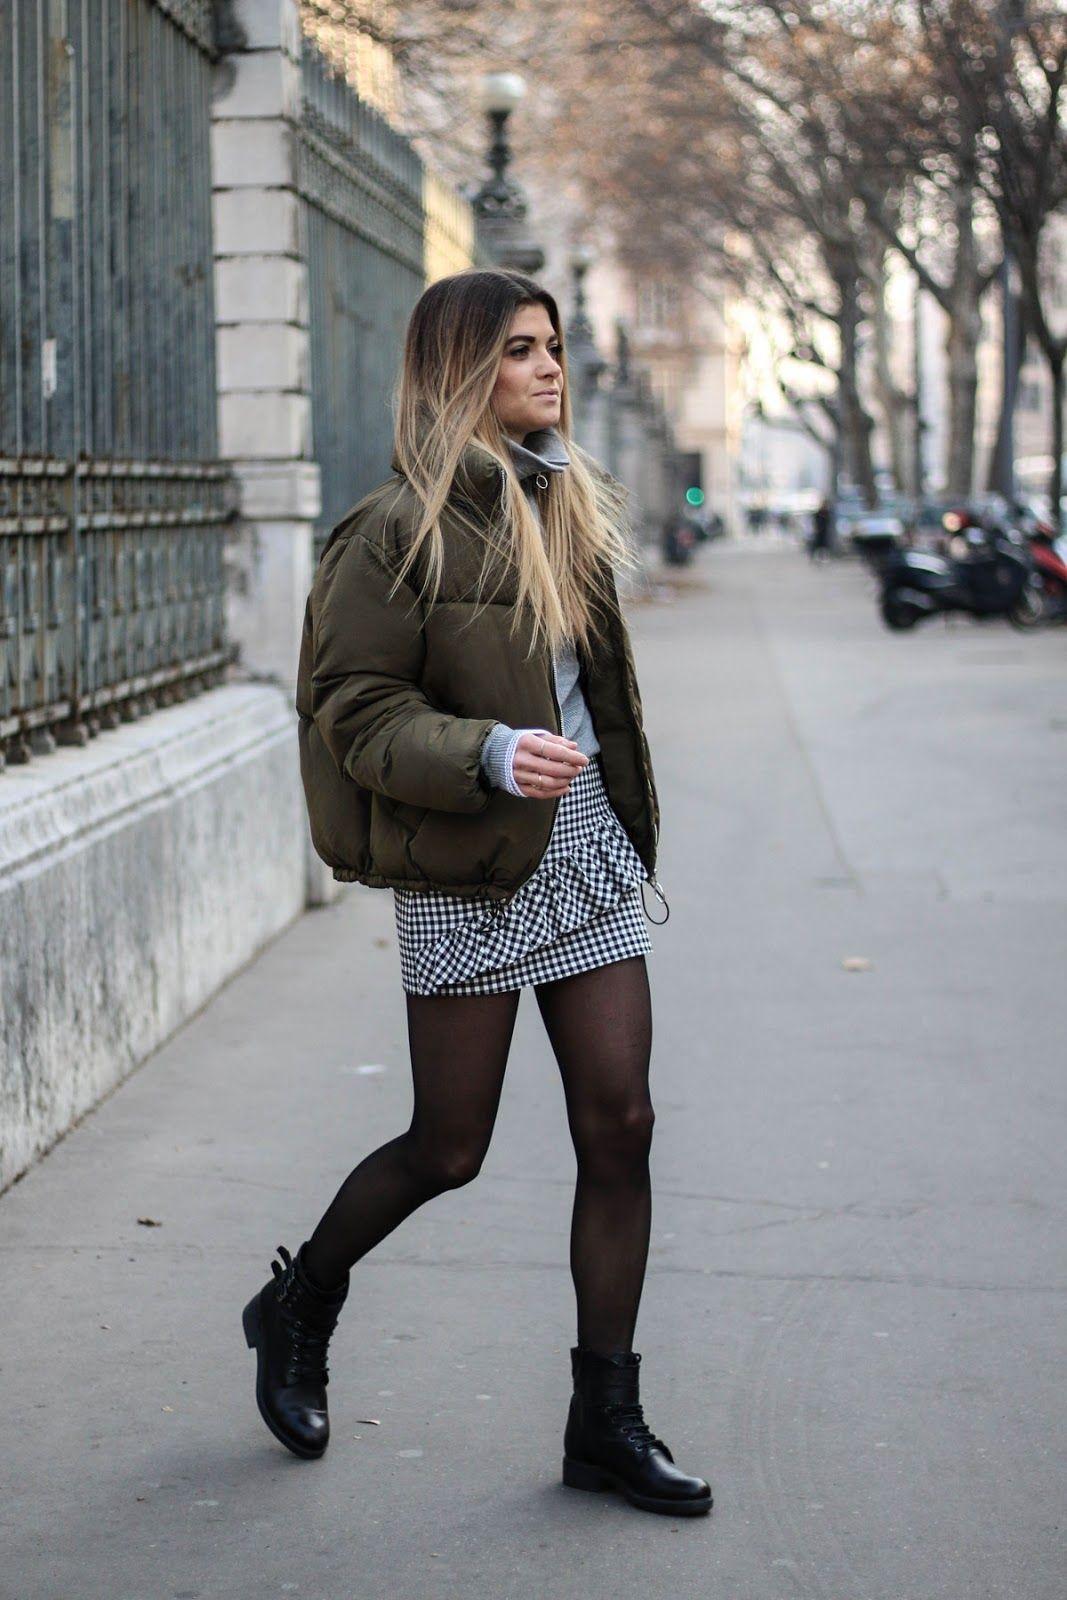 Bien connu Tendance carreaux vichy - Streetstyle - Big doudoune - Outfit  VC53